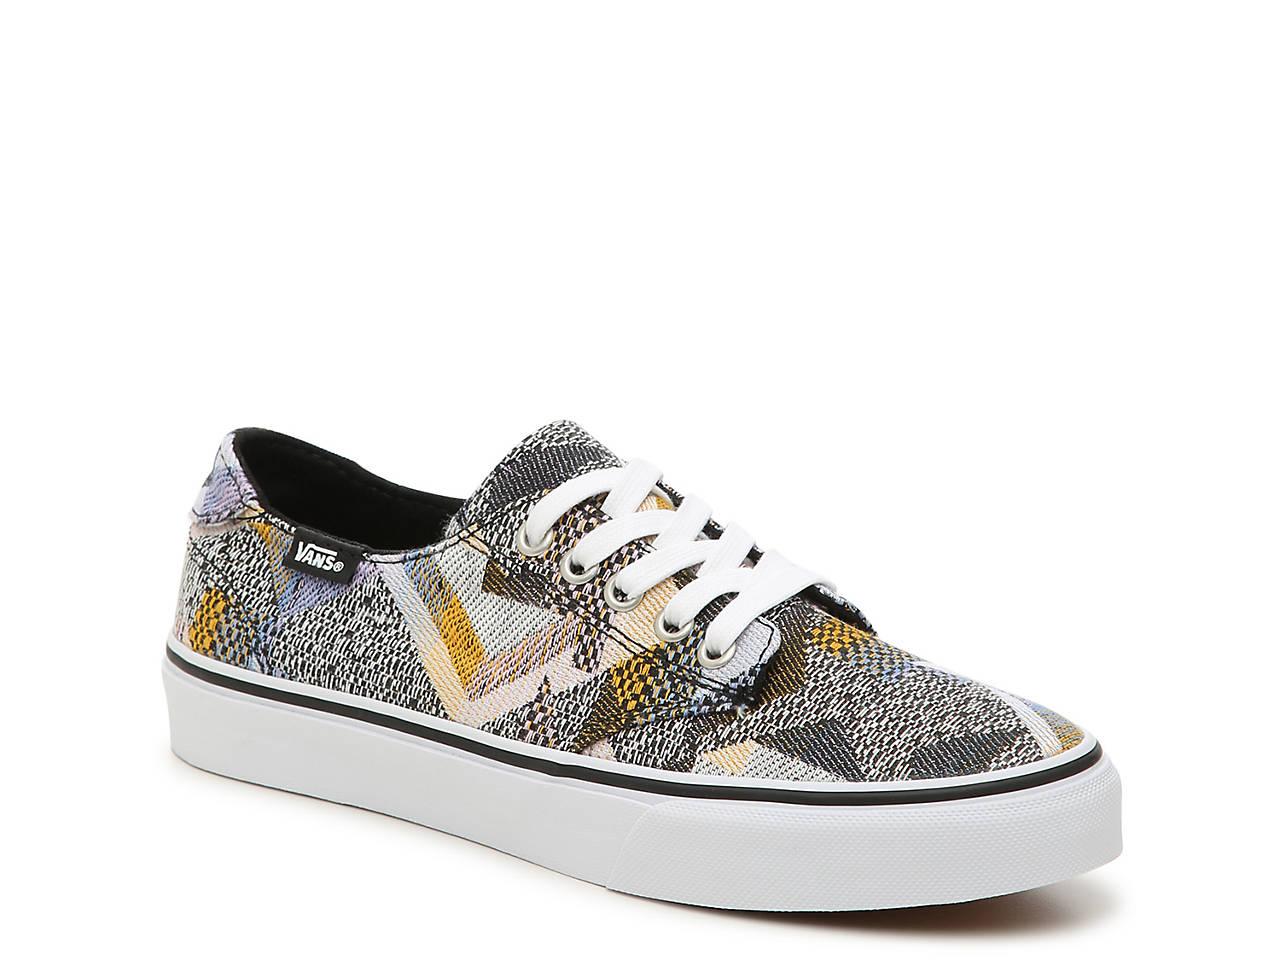 68263be58bf Vans Camden Deluxe Sneaker - Women s Women s Shoes